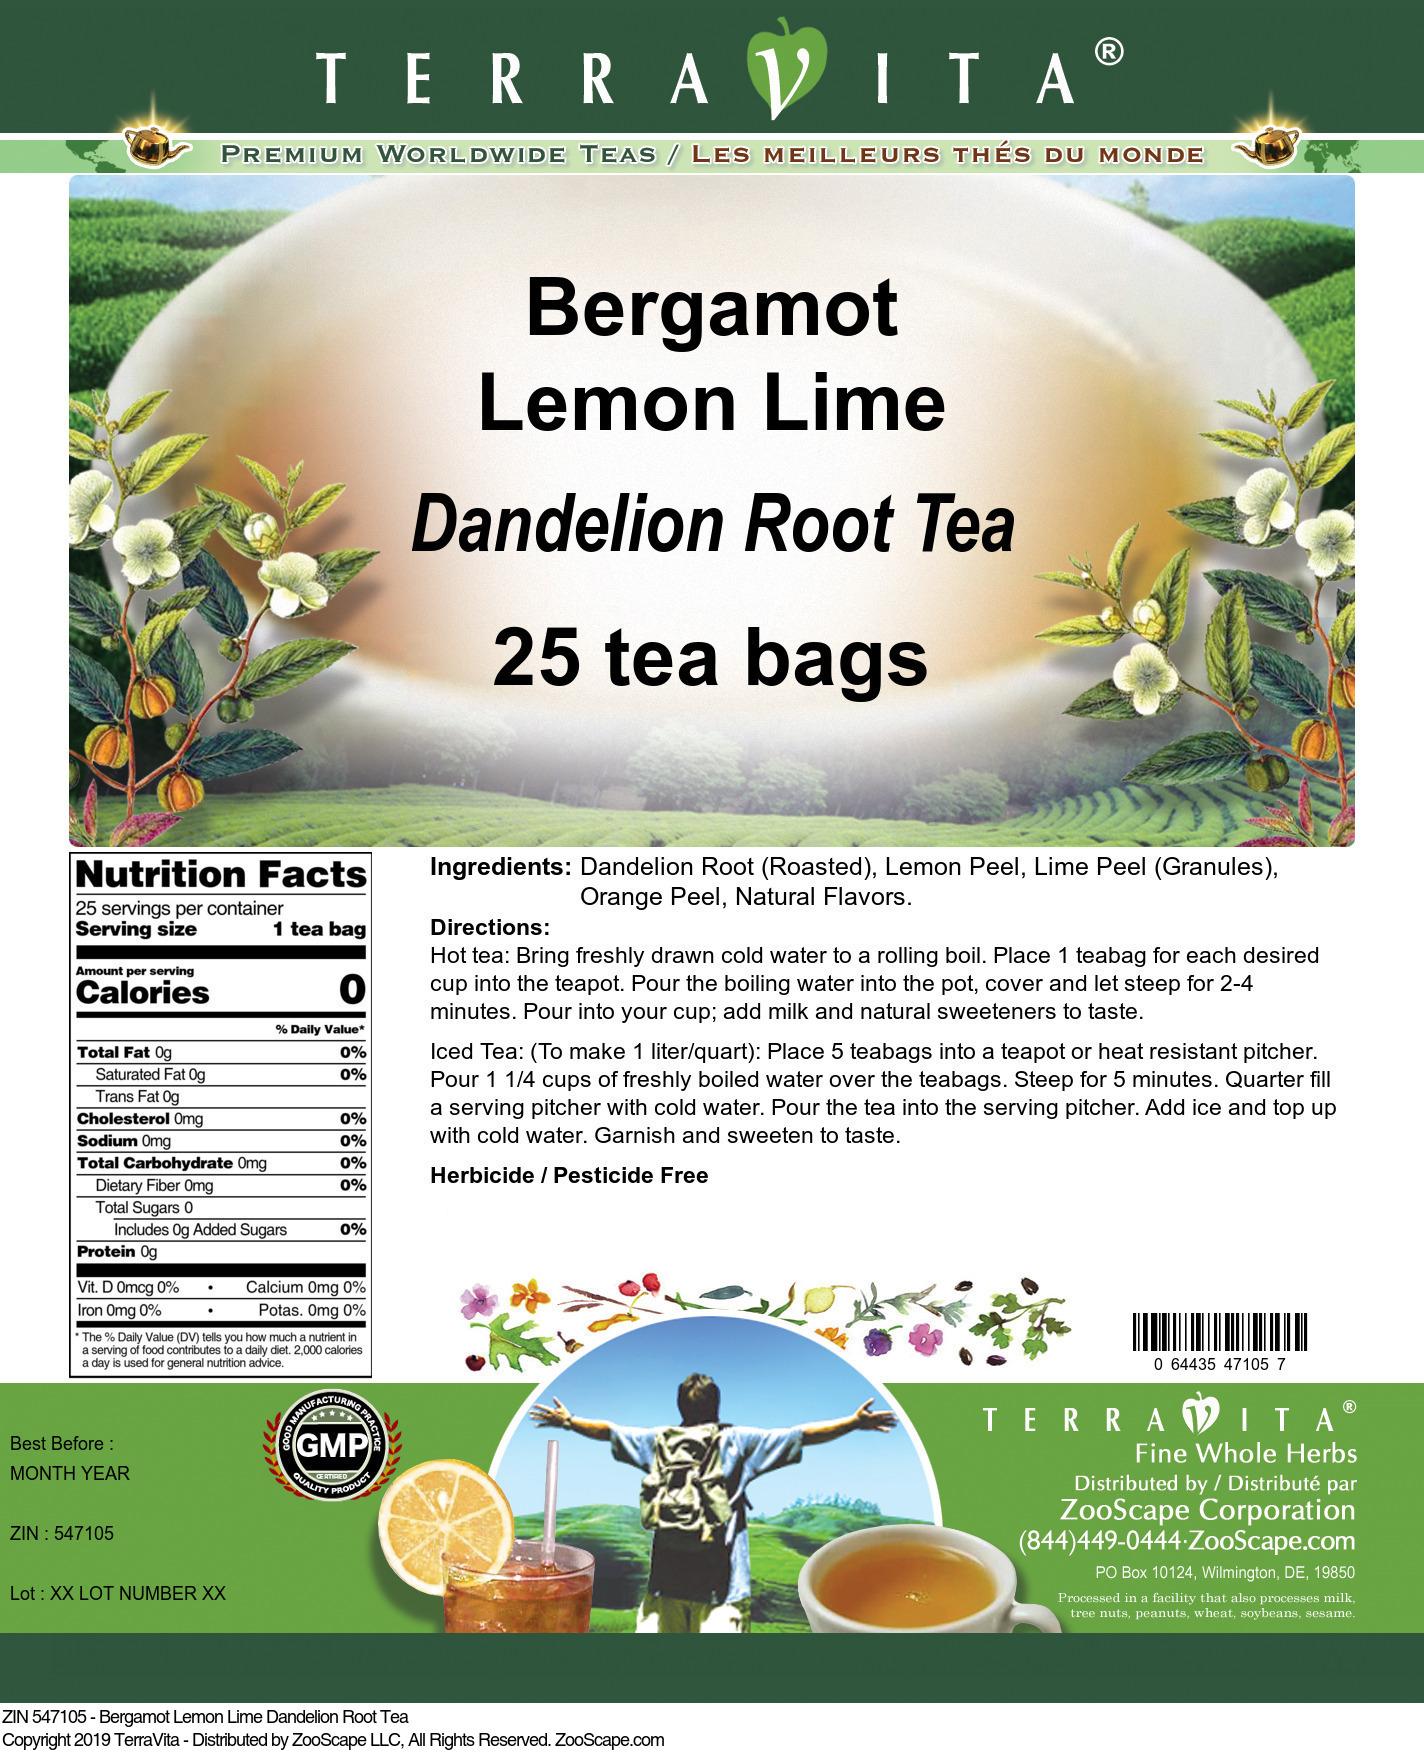 Bergamot Lemon Lime Dandelion Root Tea